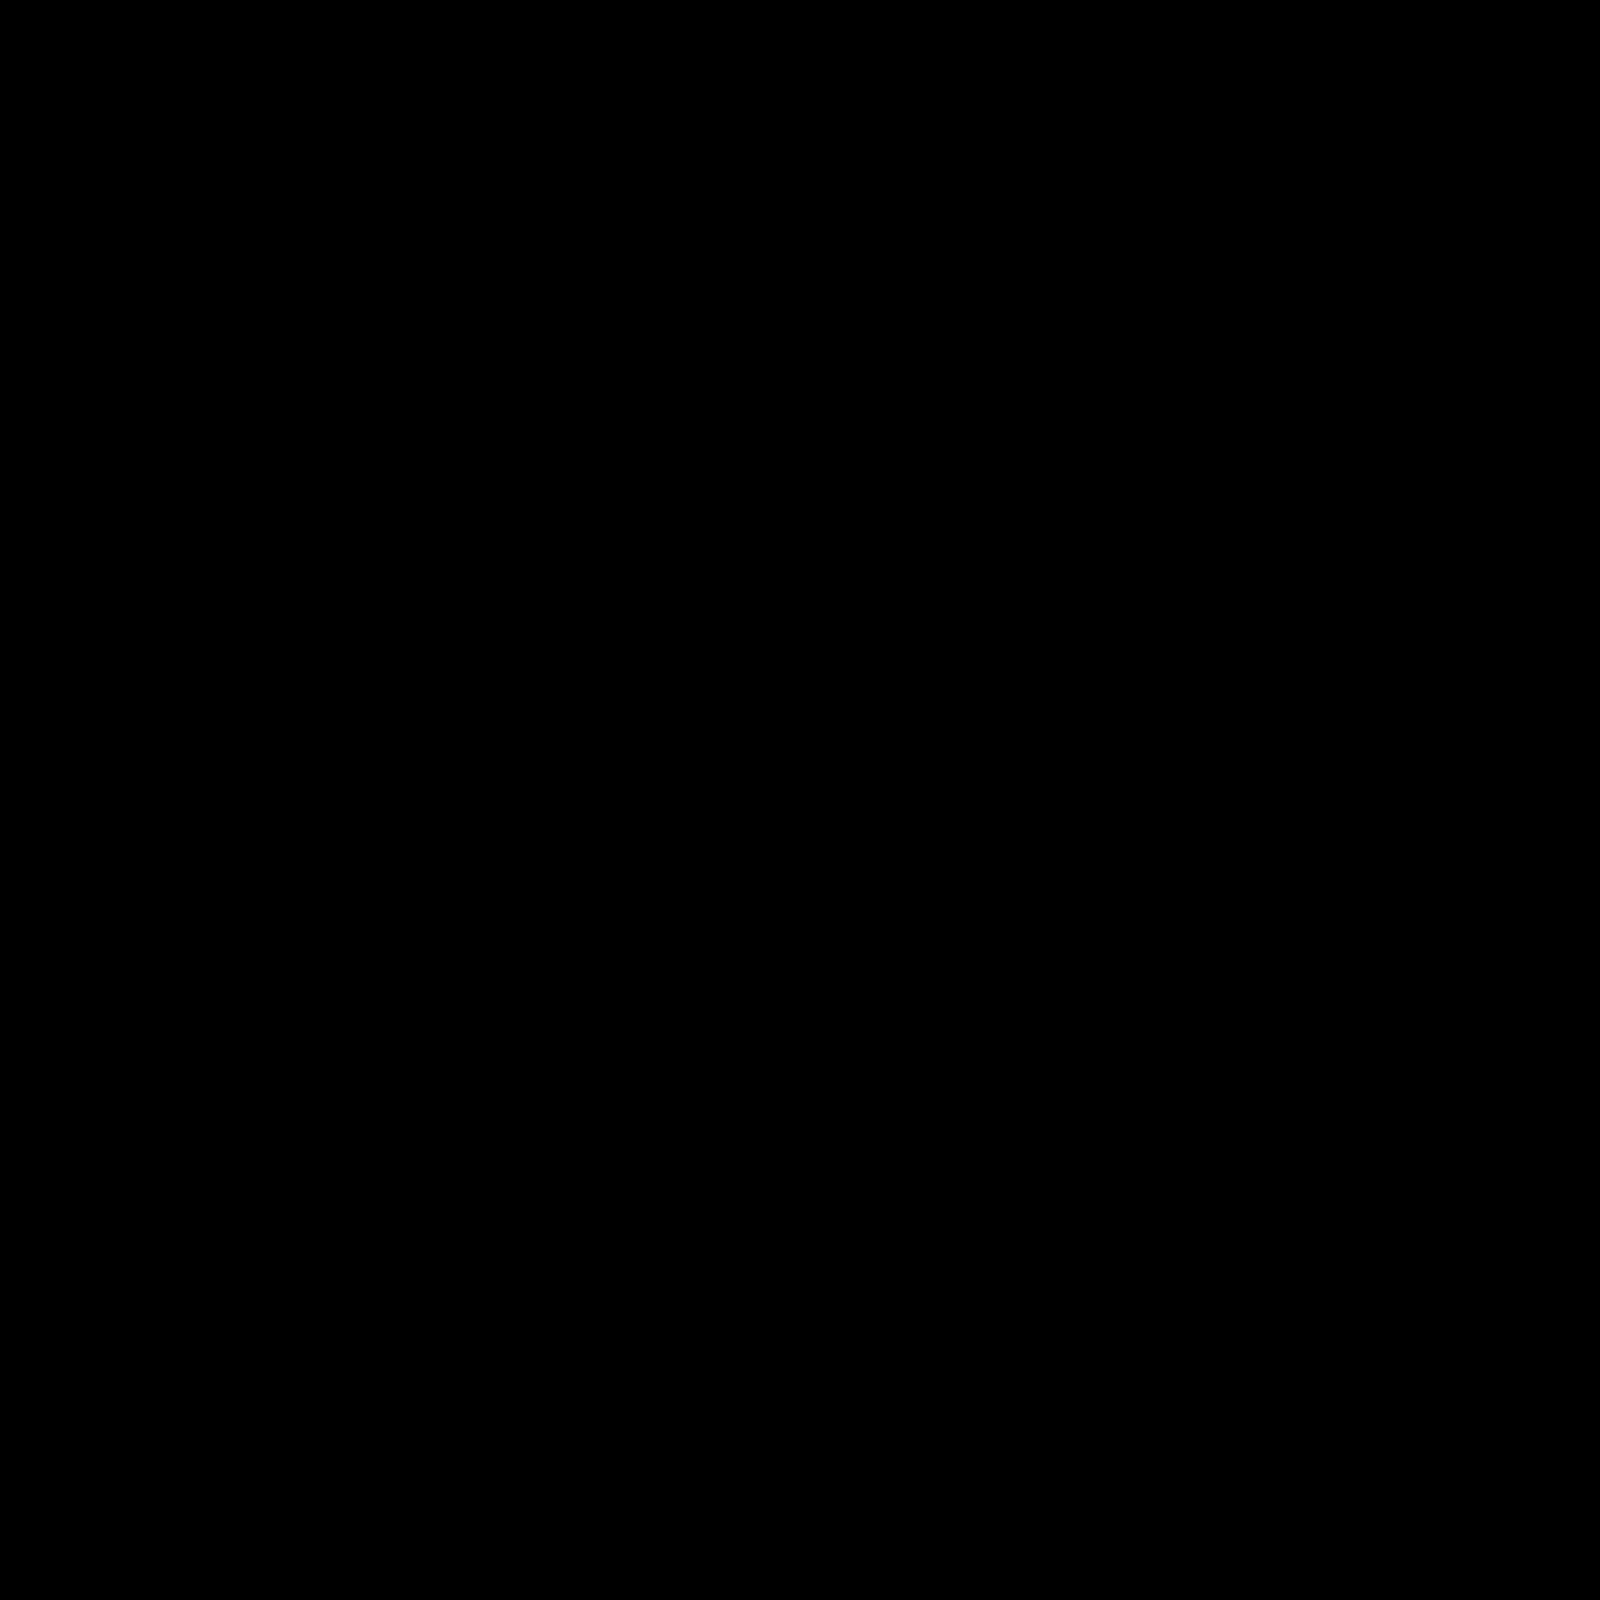 Прием макулатуры в москве юзао сдать макулатуру саров